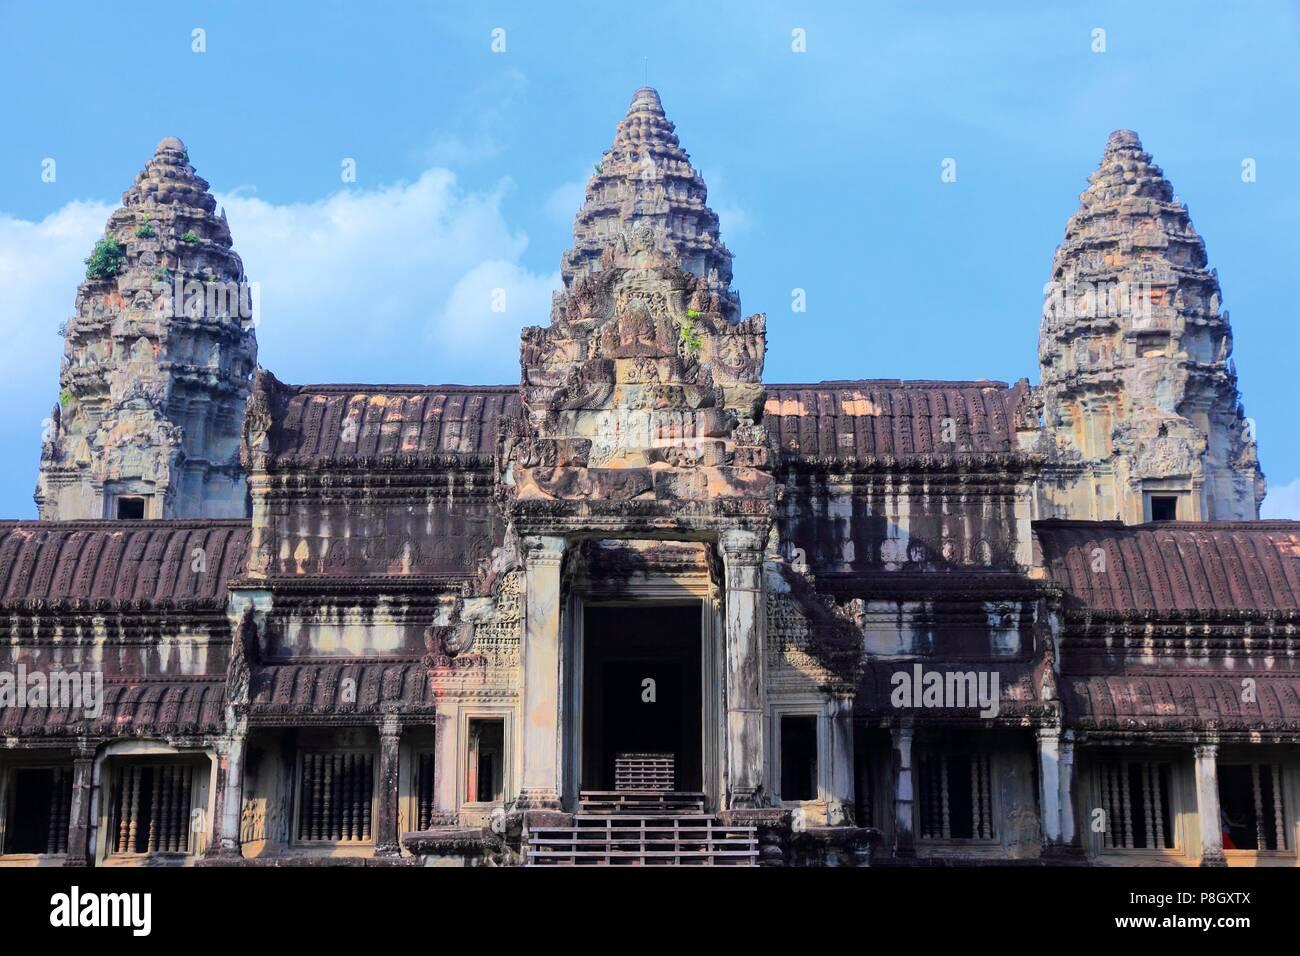 Angkor Wat - tempio Khmer in Siem Reap provincia, Cambogia, sud-est asiatico. UNESCO - Sito Patrimonio dell'umanità. Immagini Stock